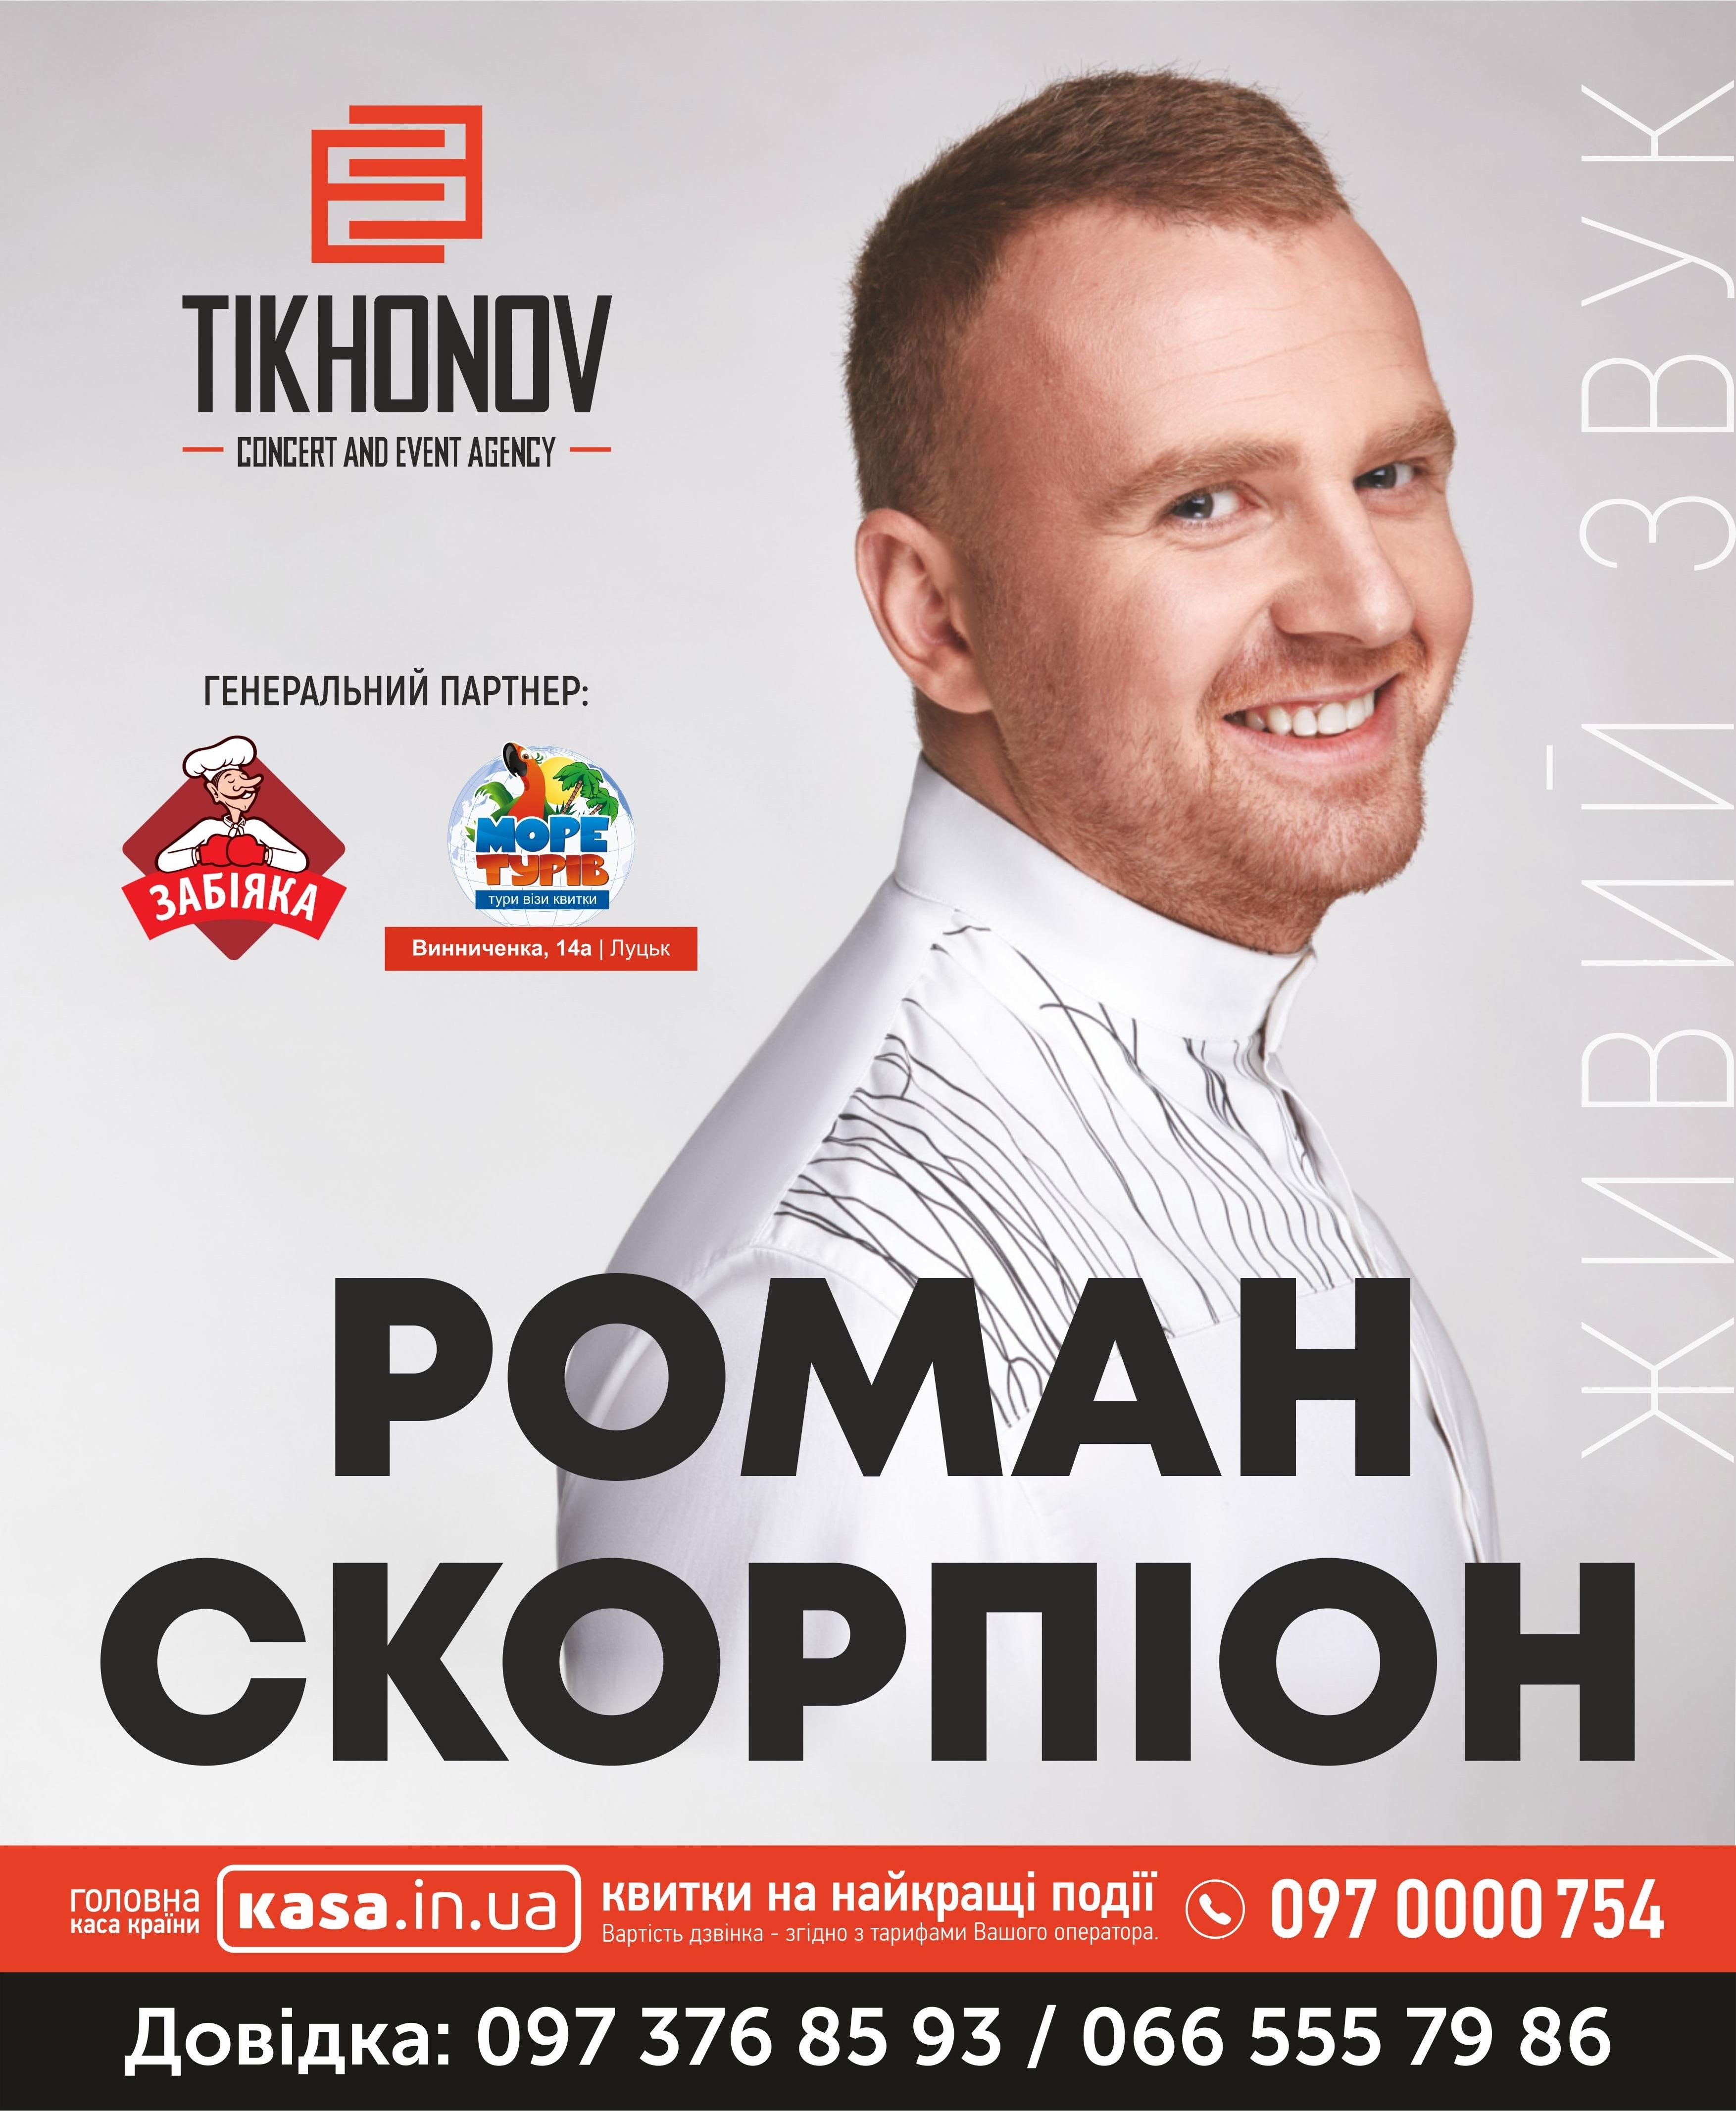 Роман Скорпіон  у Івано-Франківську